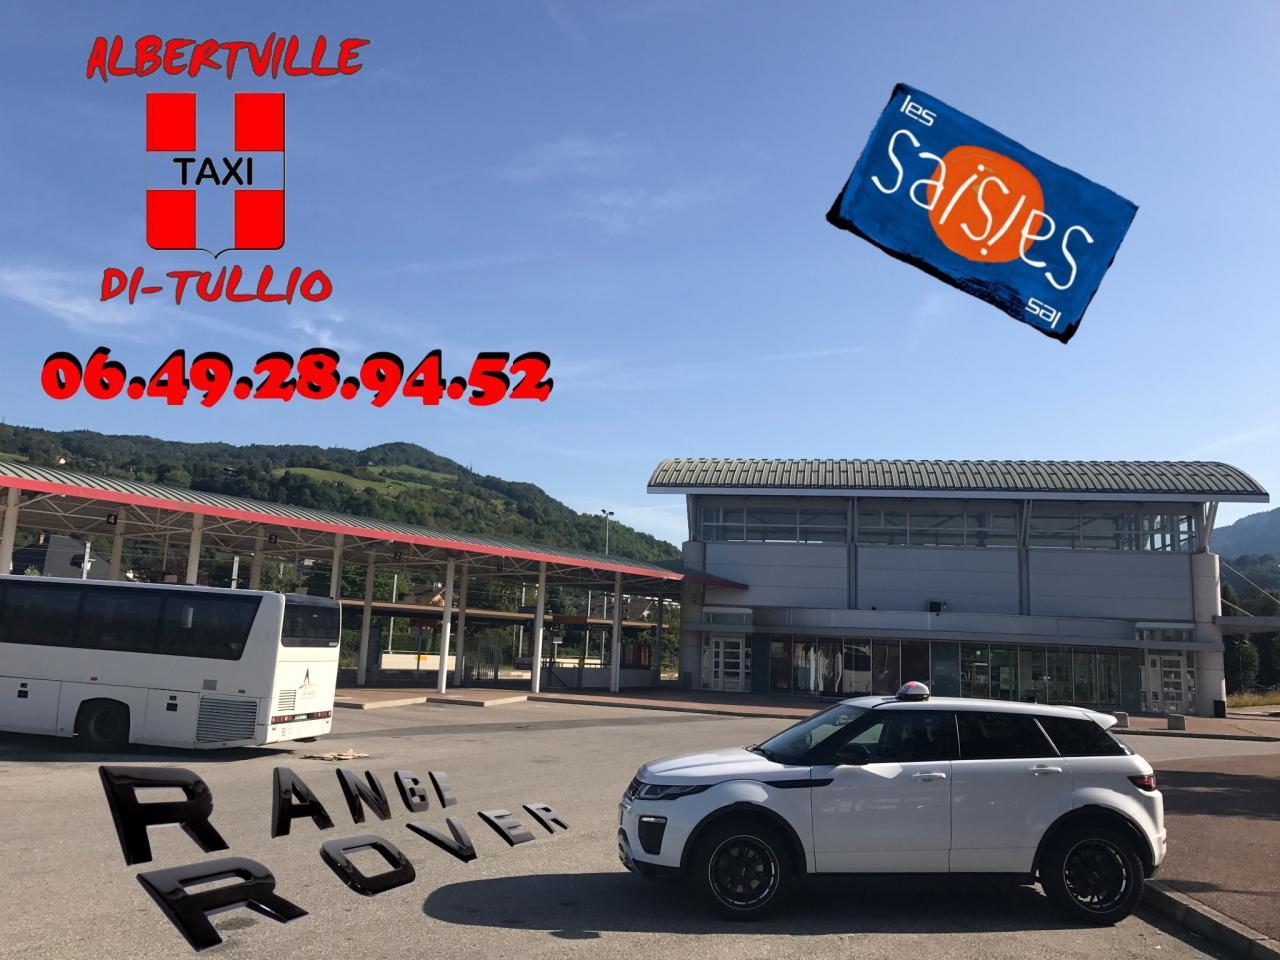 Taxi Di Tullio: 06.49.28.94.52